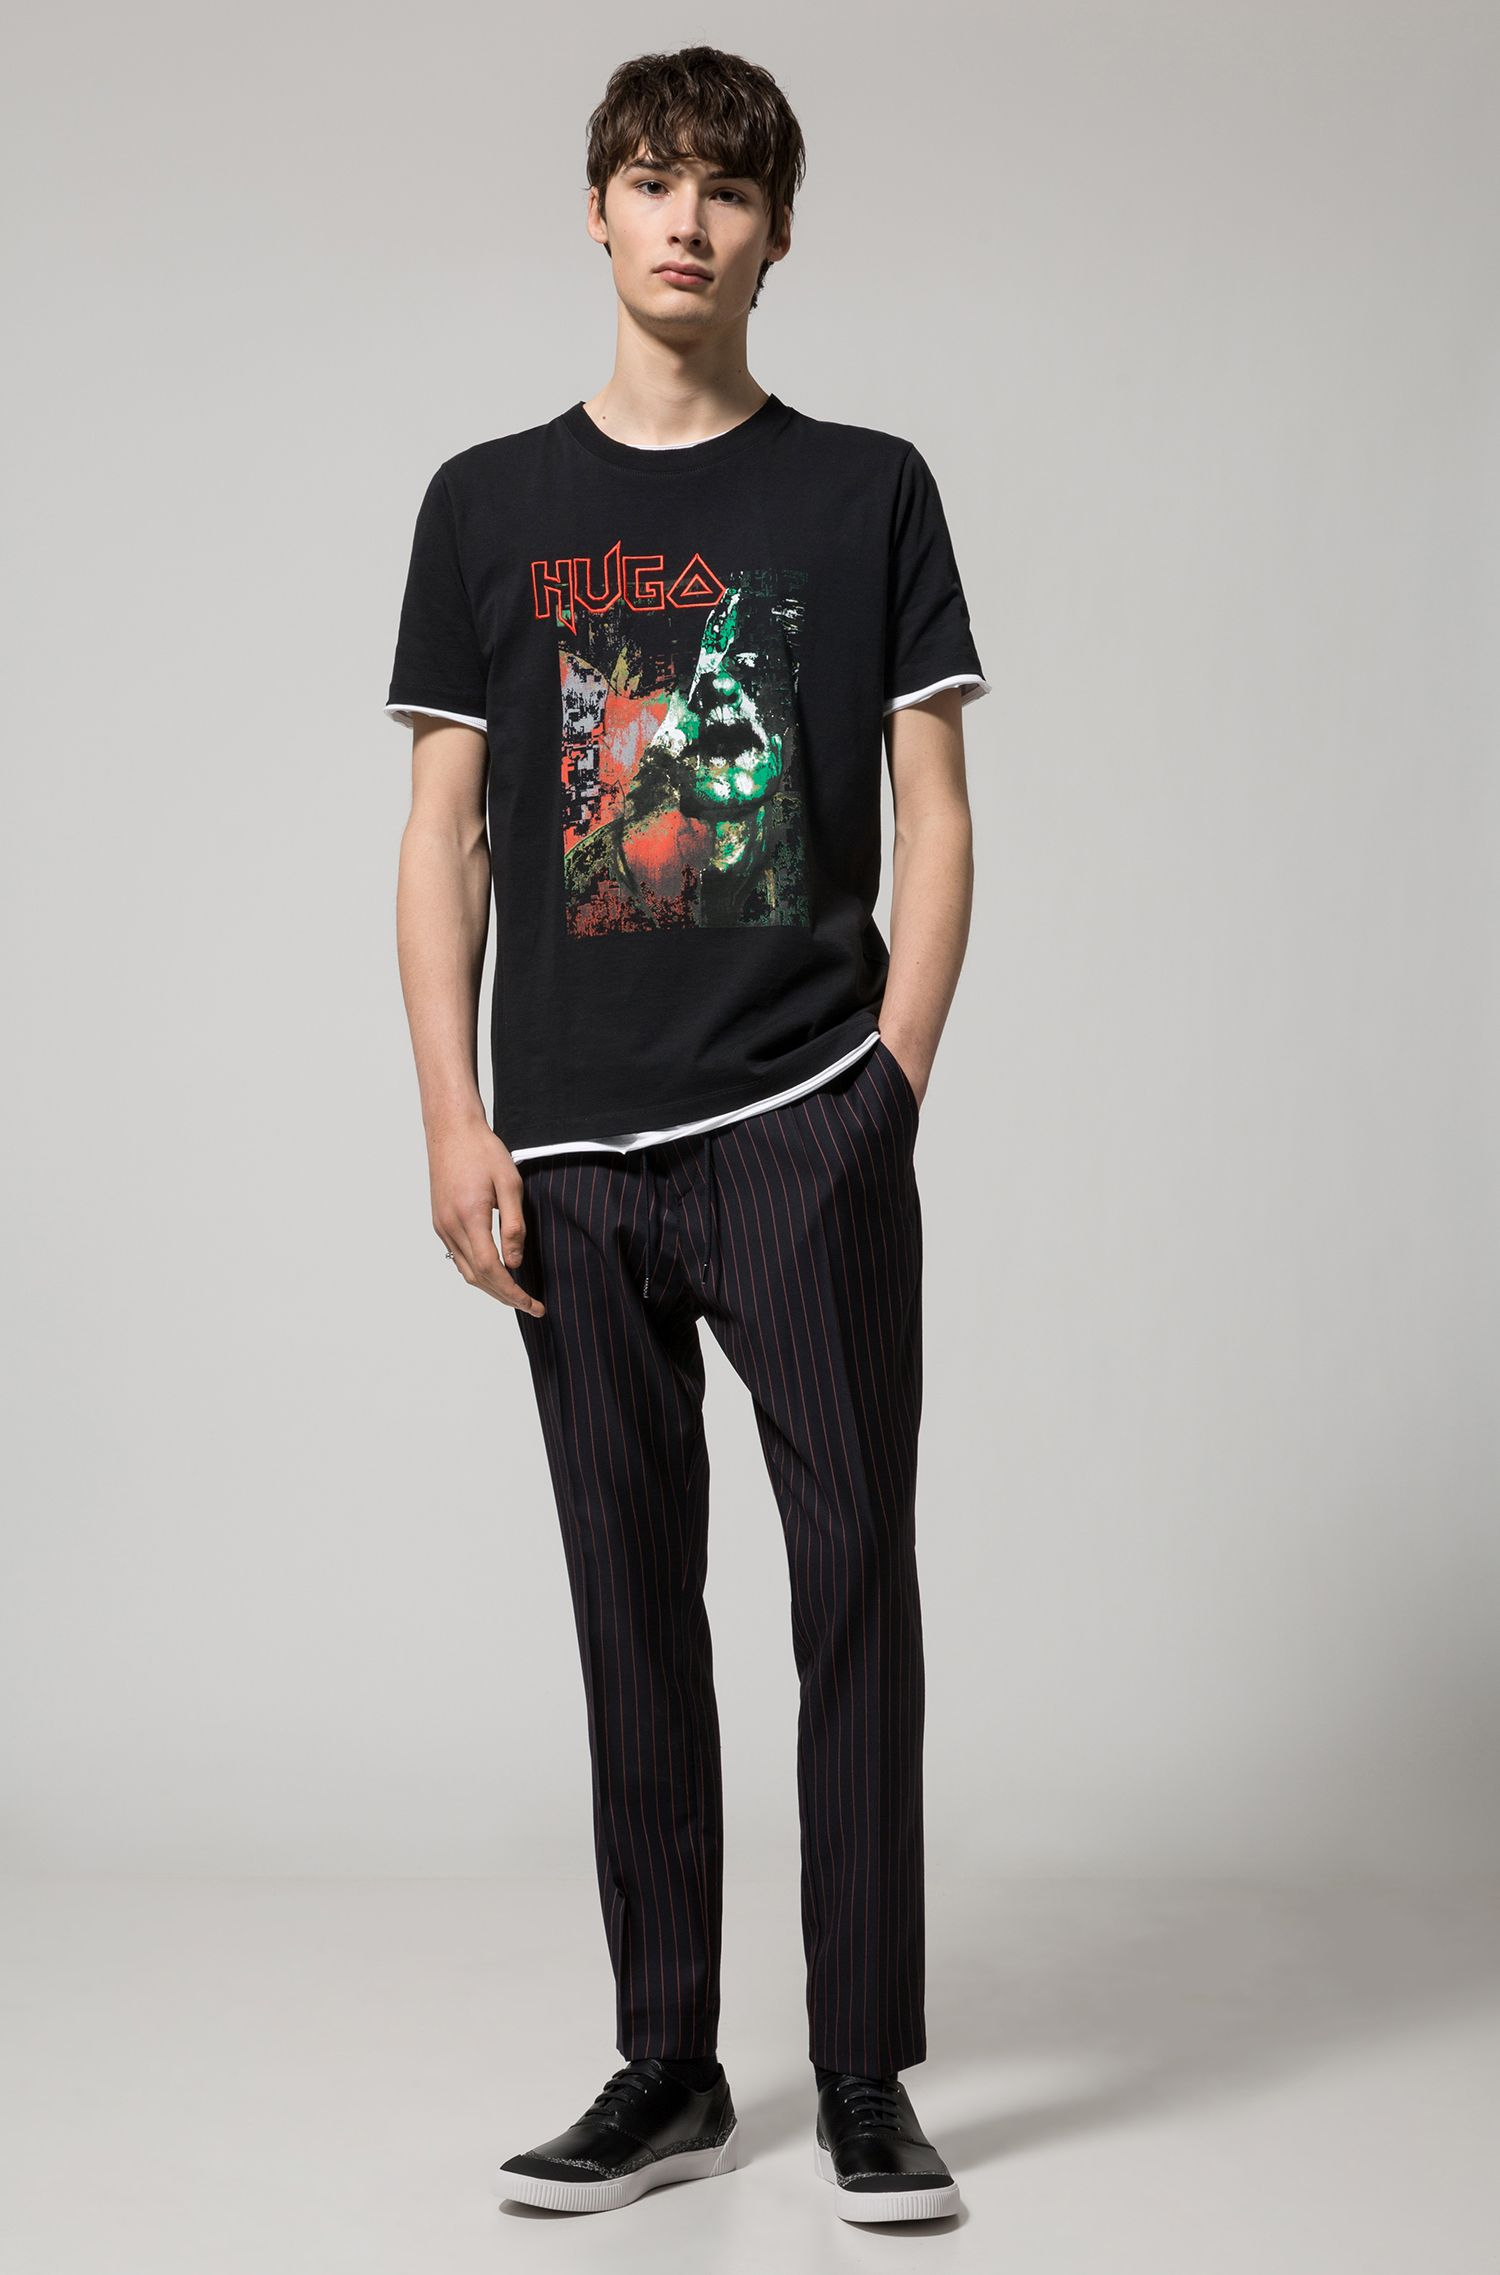 Camiseta de algodón relaxed fit con una llamativa ilustración